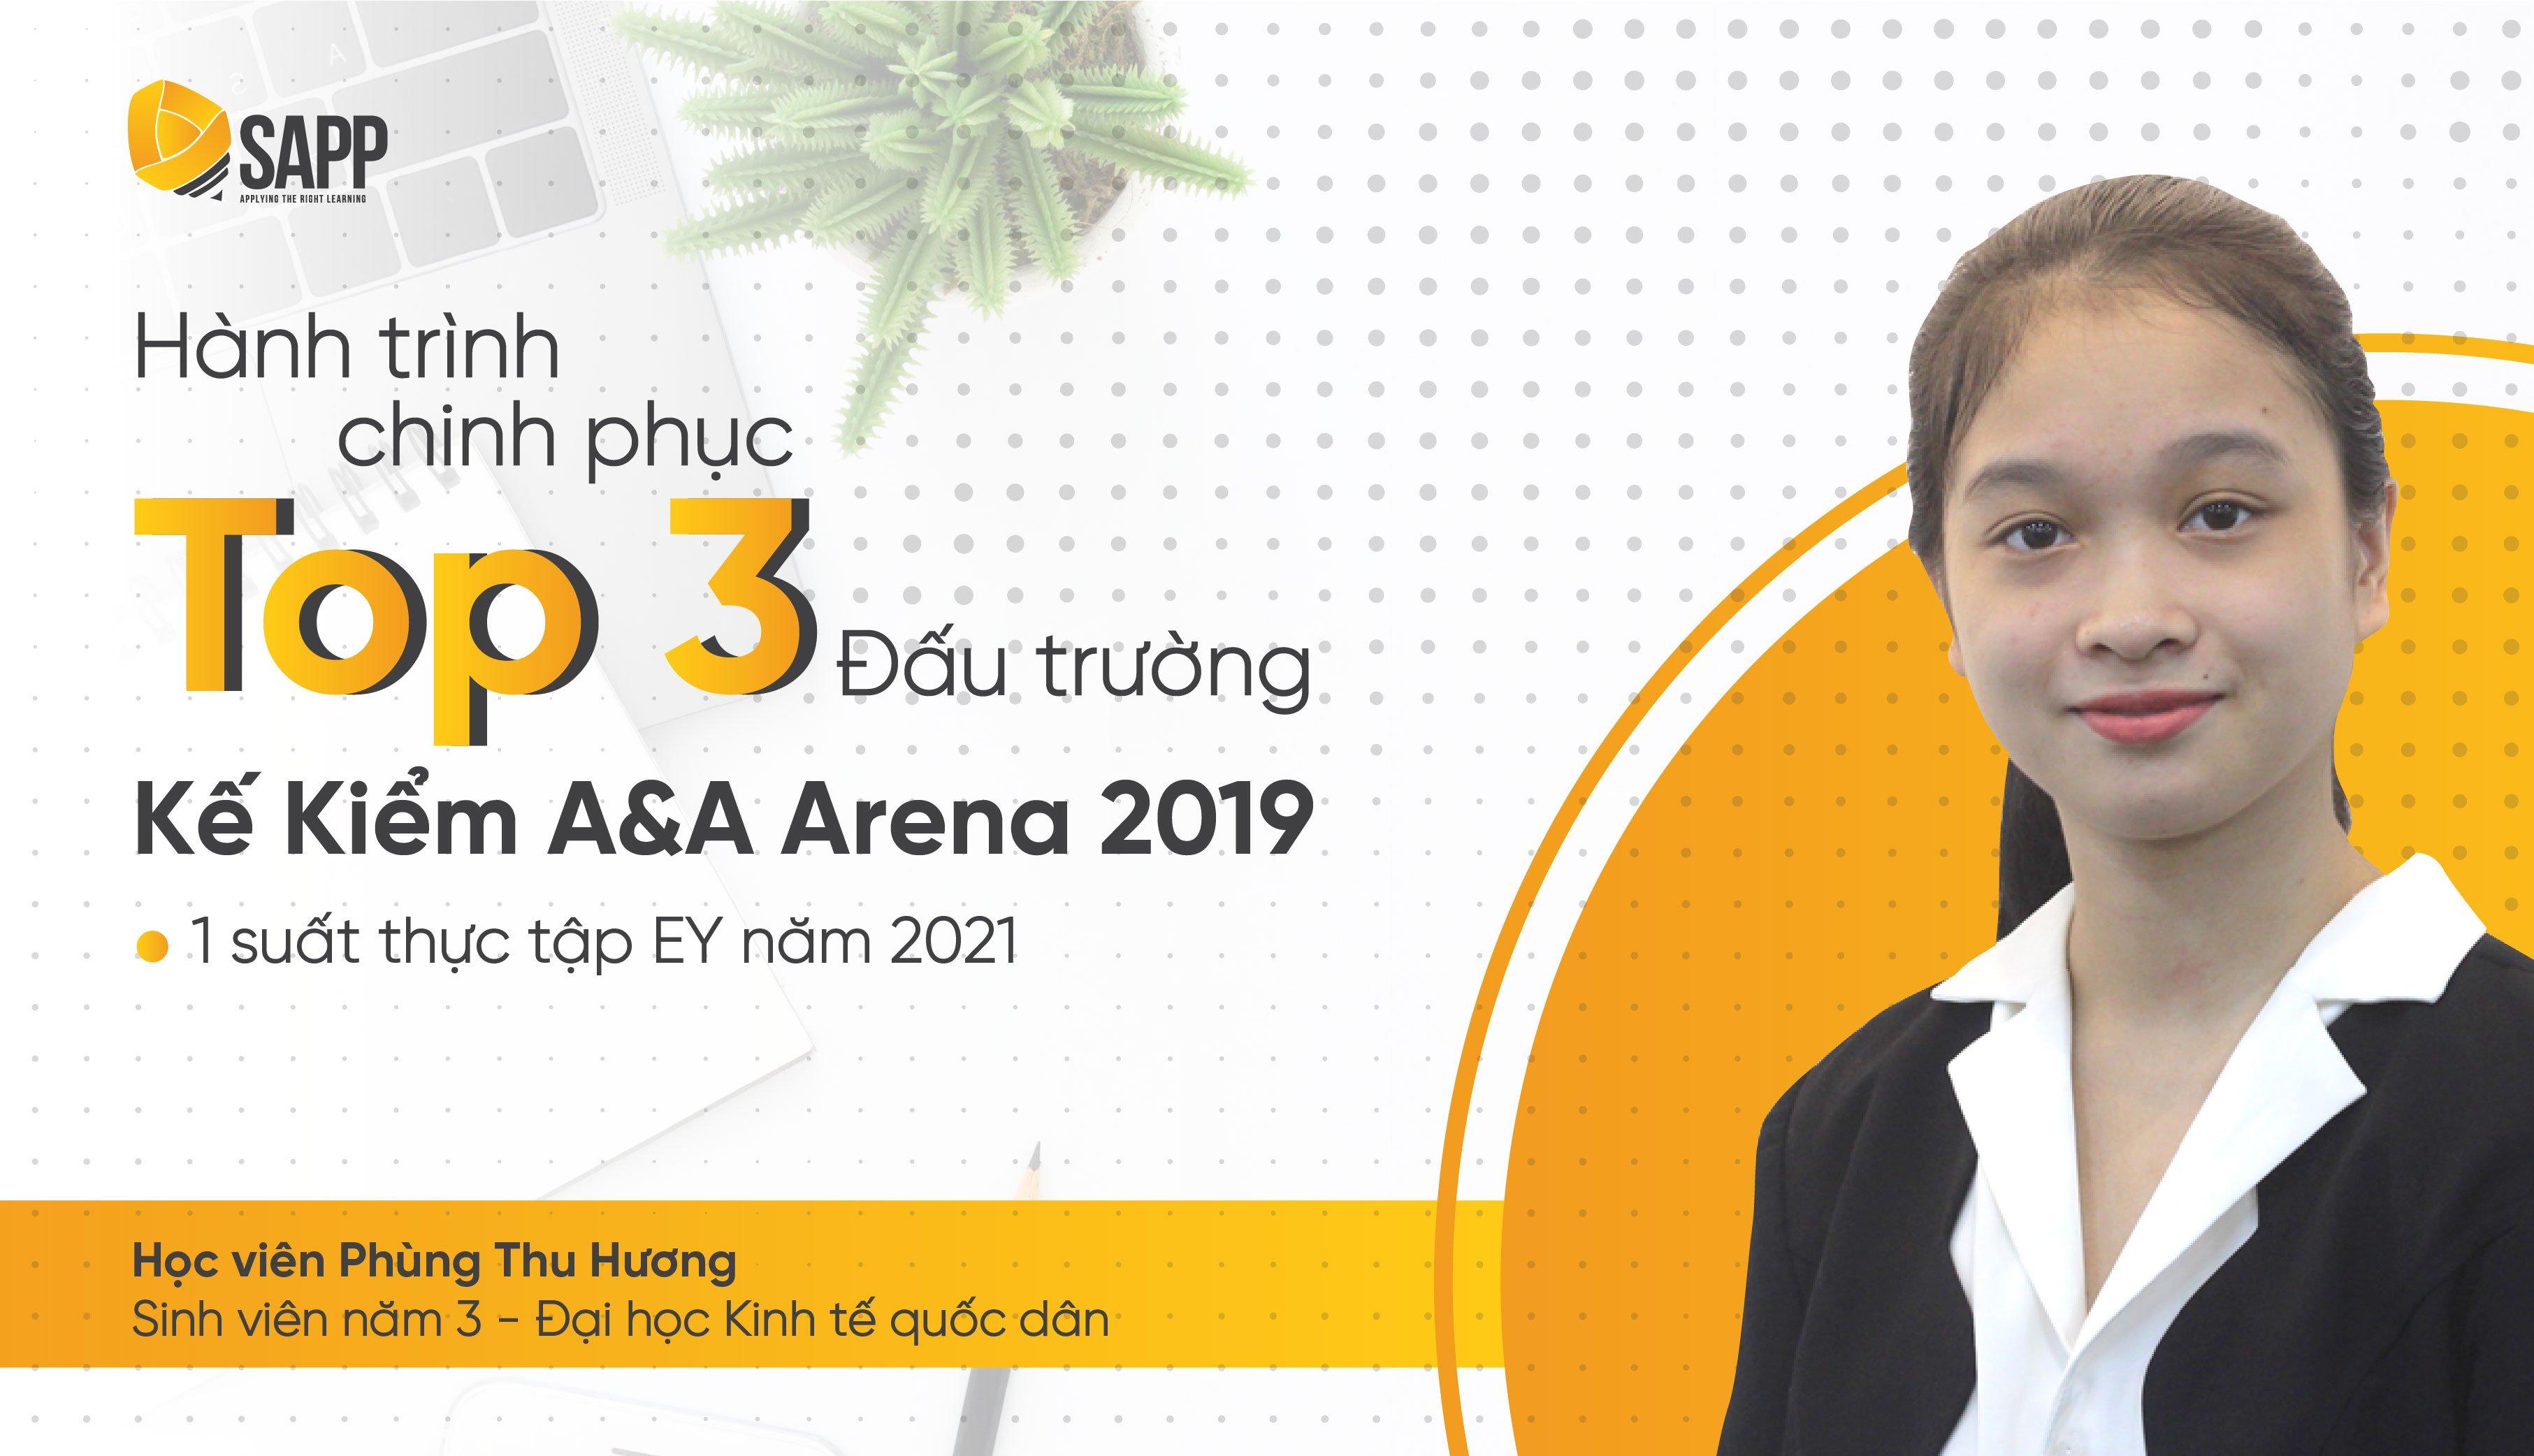 Blogpost Phùng Thu Hương-Blog post (870x500 px)